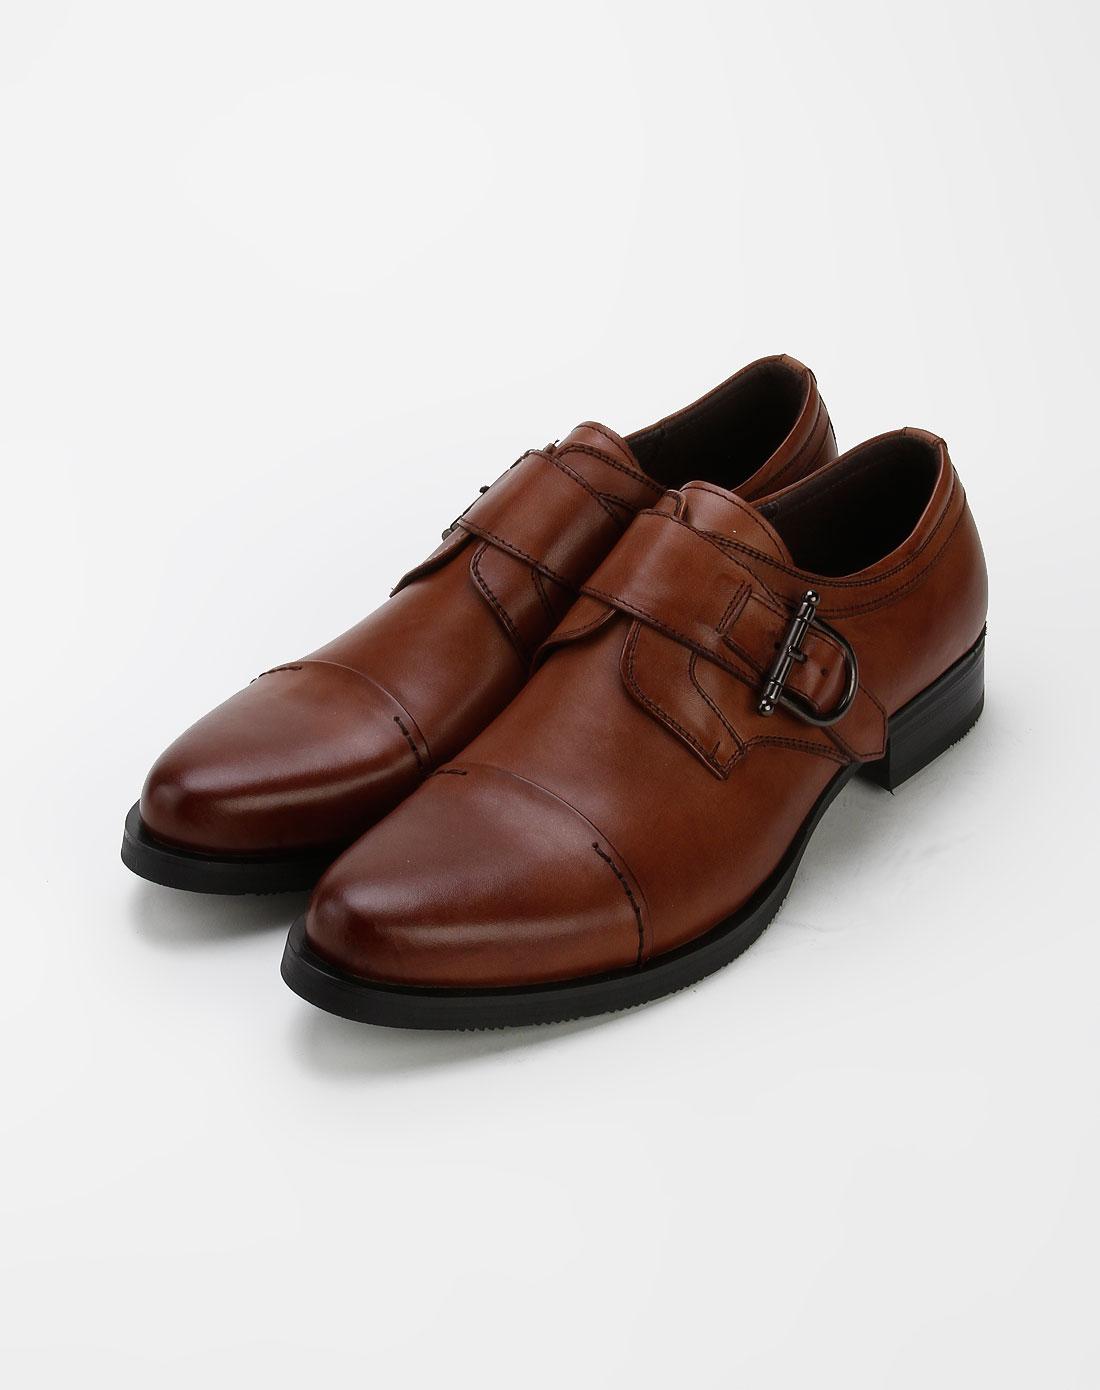 法索里fasoli男款式棕色牛皮时尚皮鞋